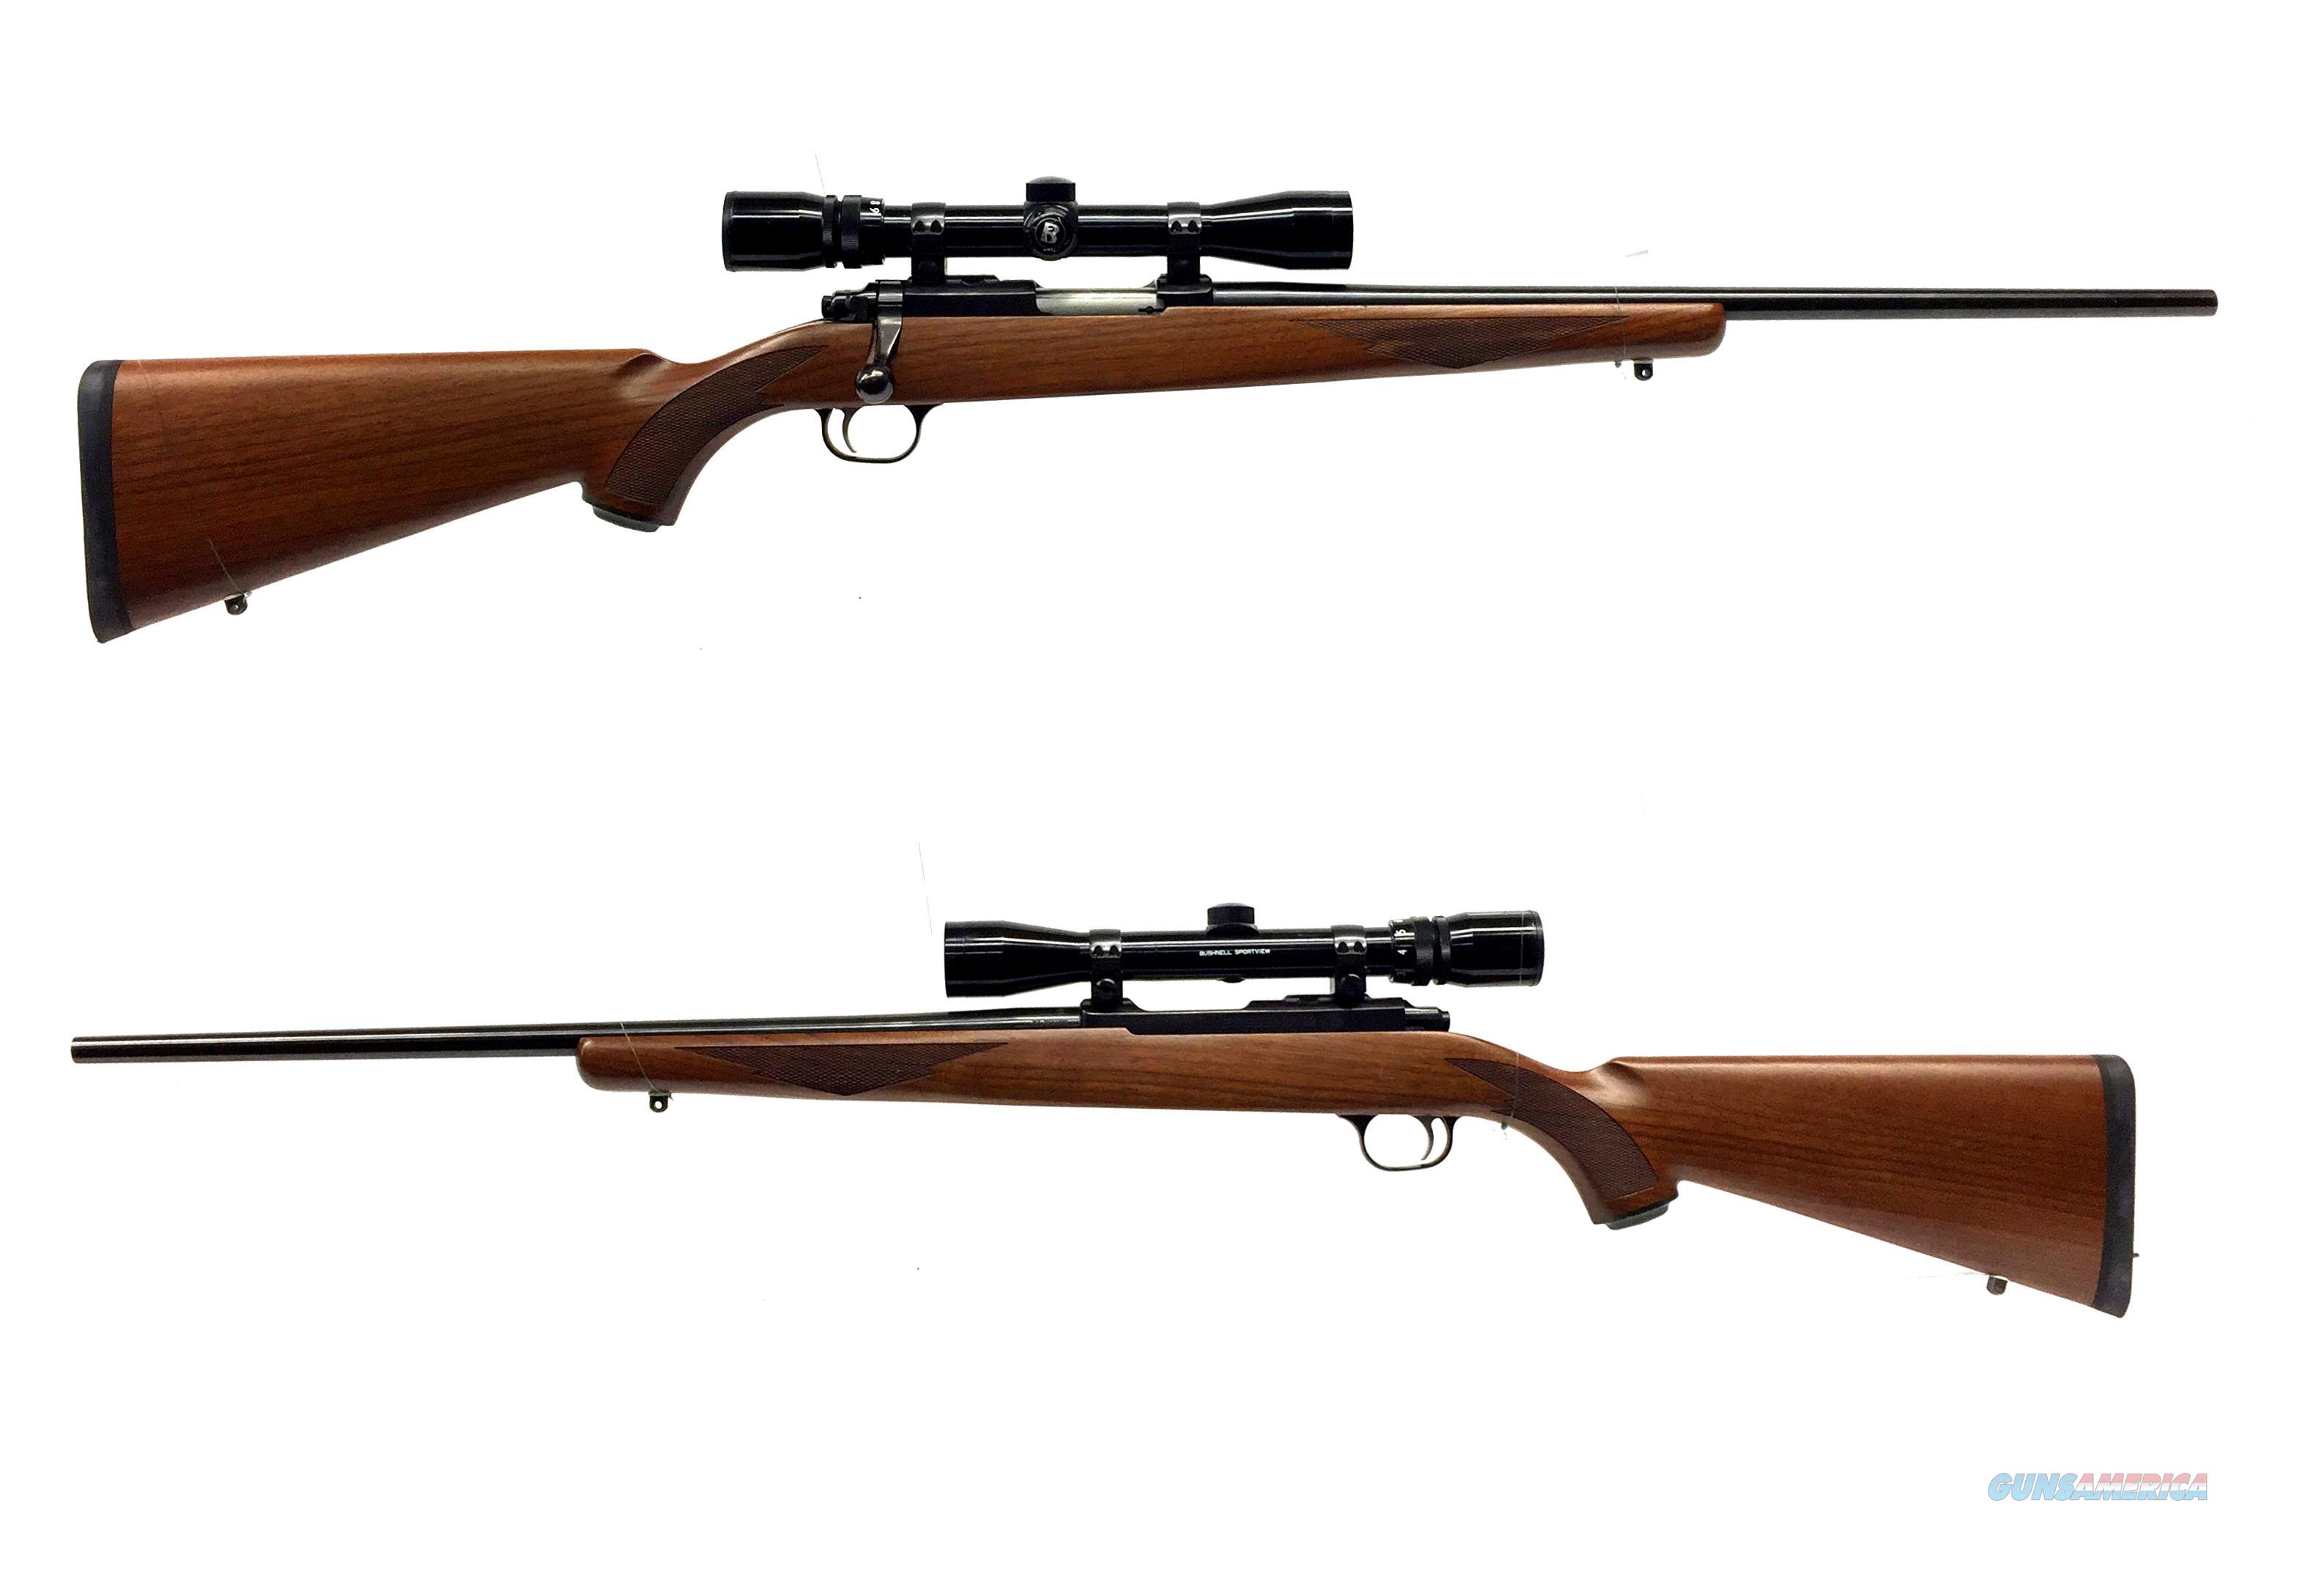 Ruger Model 77/22 Hornet Bolt-Action Rifle w/ Scope  Guns > Rifles > Ruger Rifles > Model 77